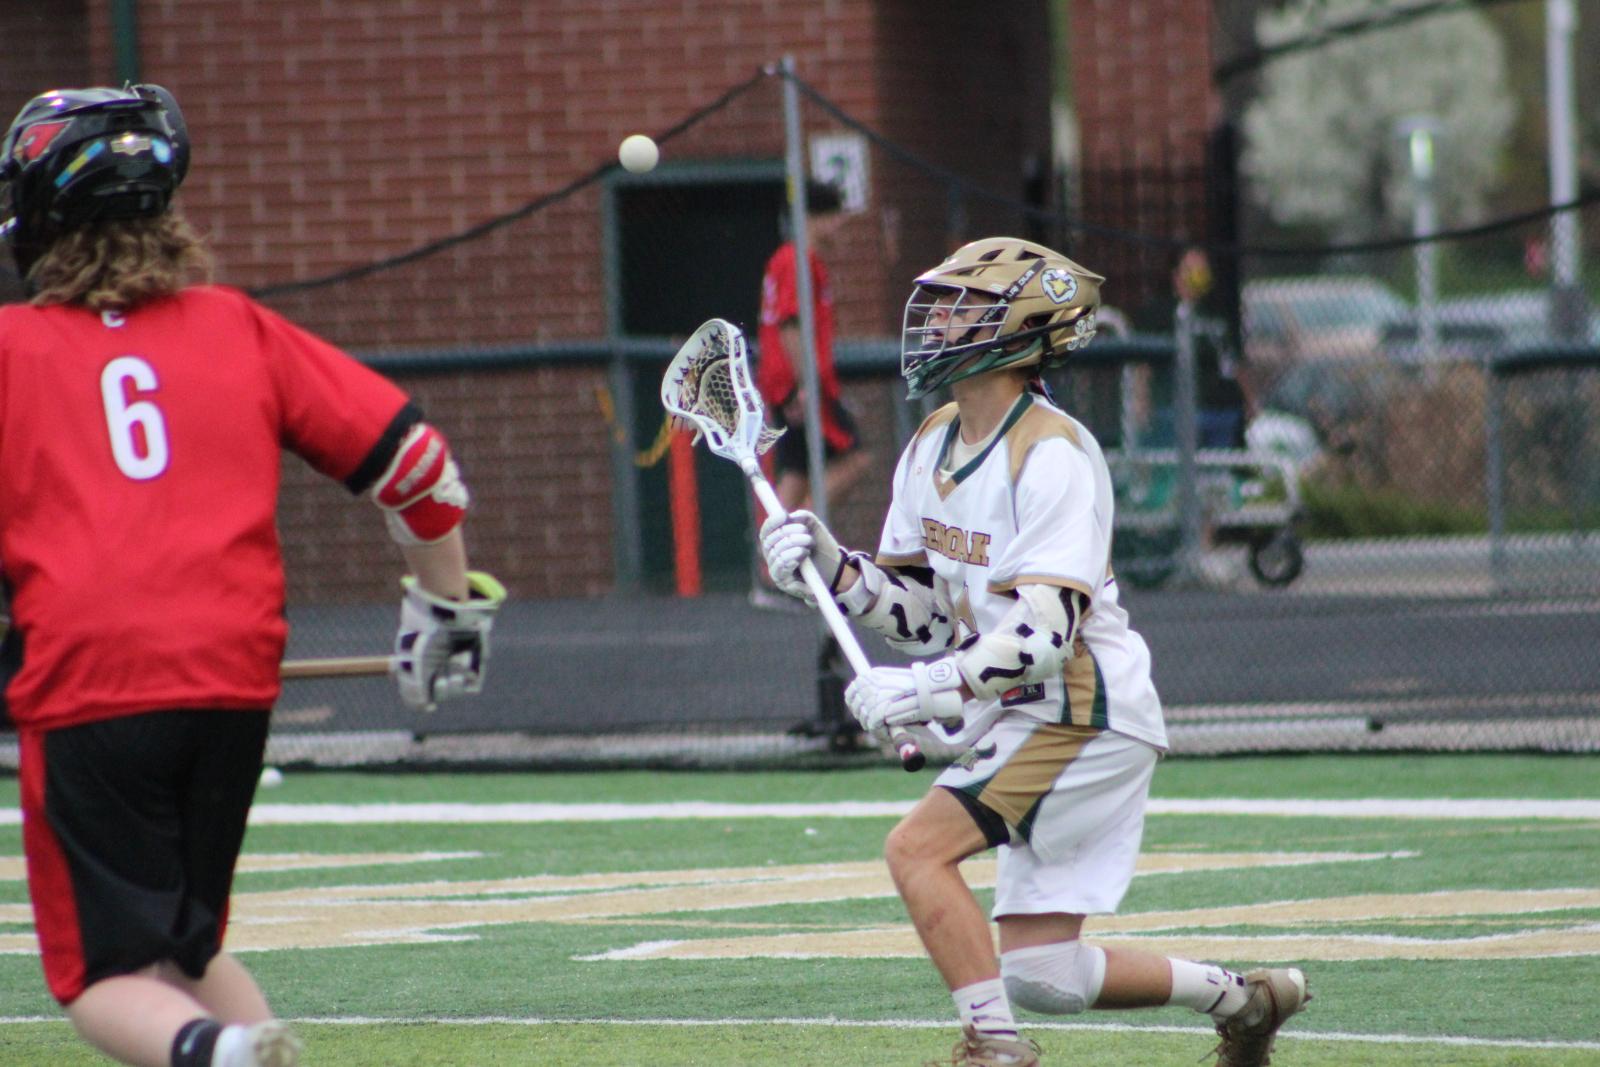 Varsity Boys Lacrosse vs. Canfield 4/10/21